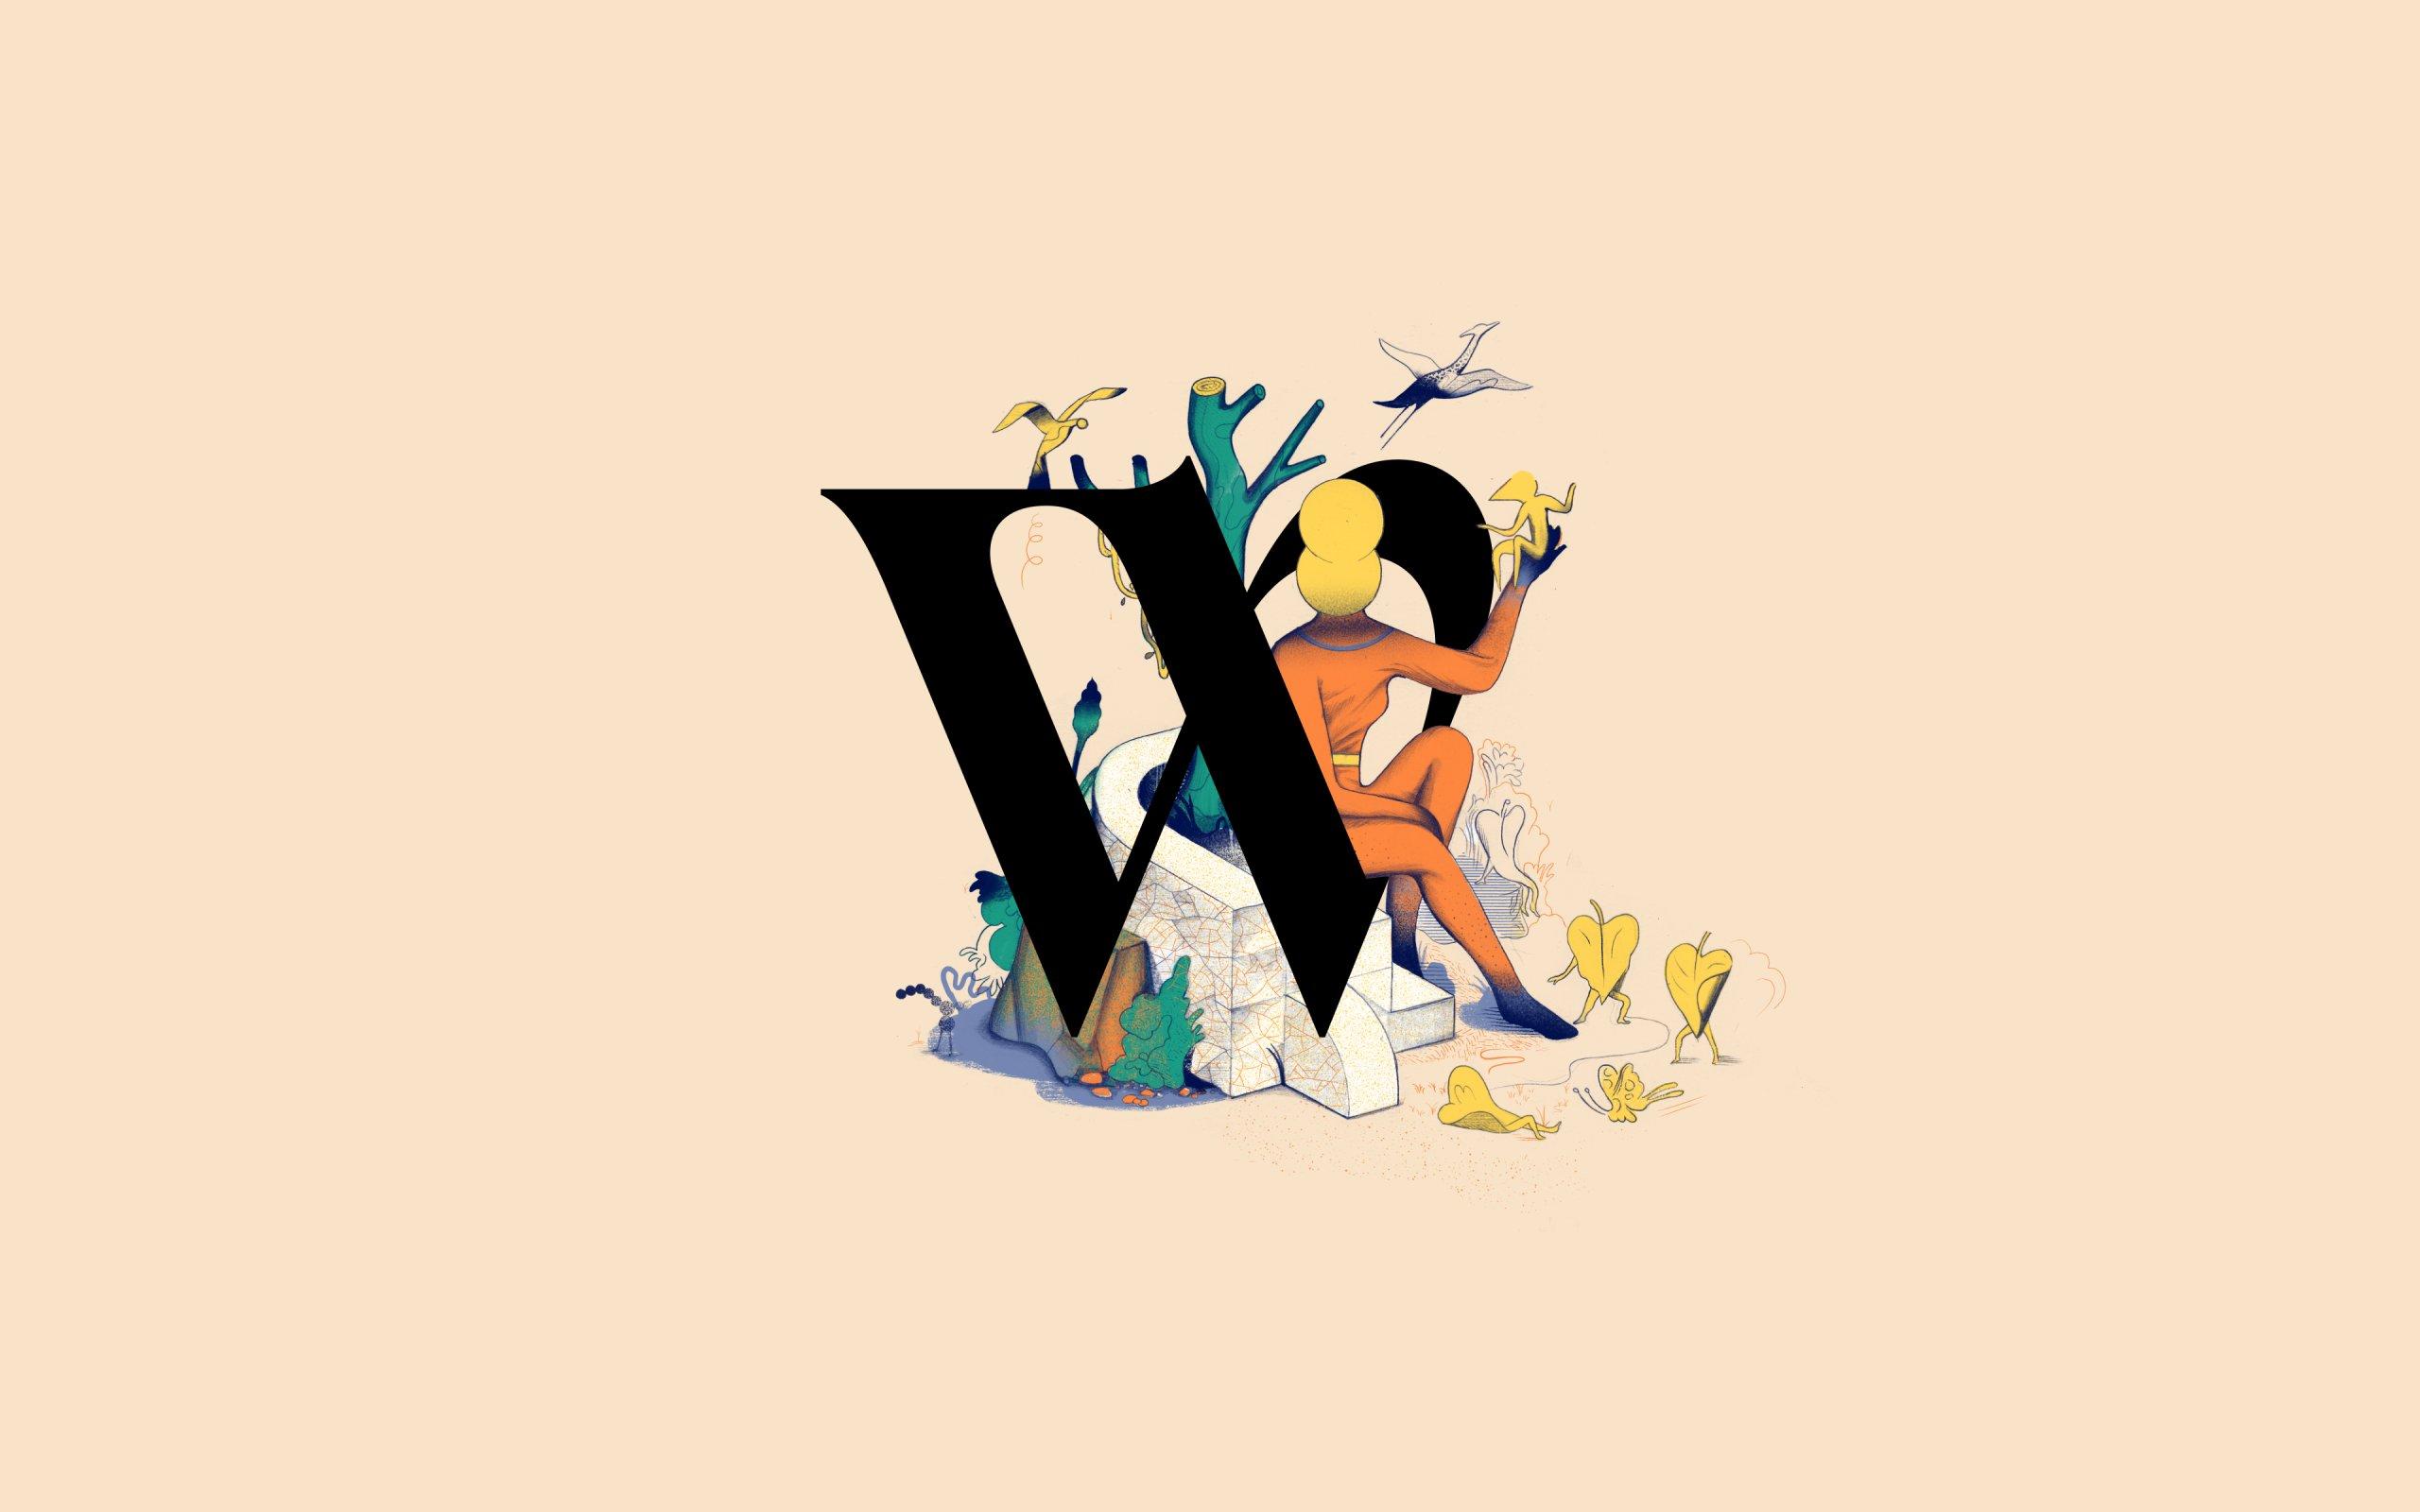 Whereby-wide-3-2560x1600 (1)